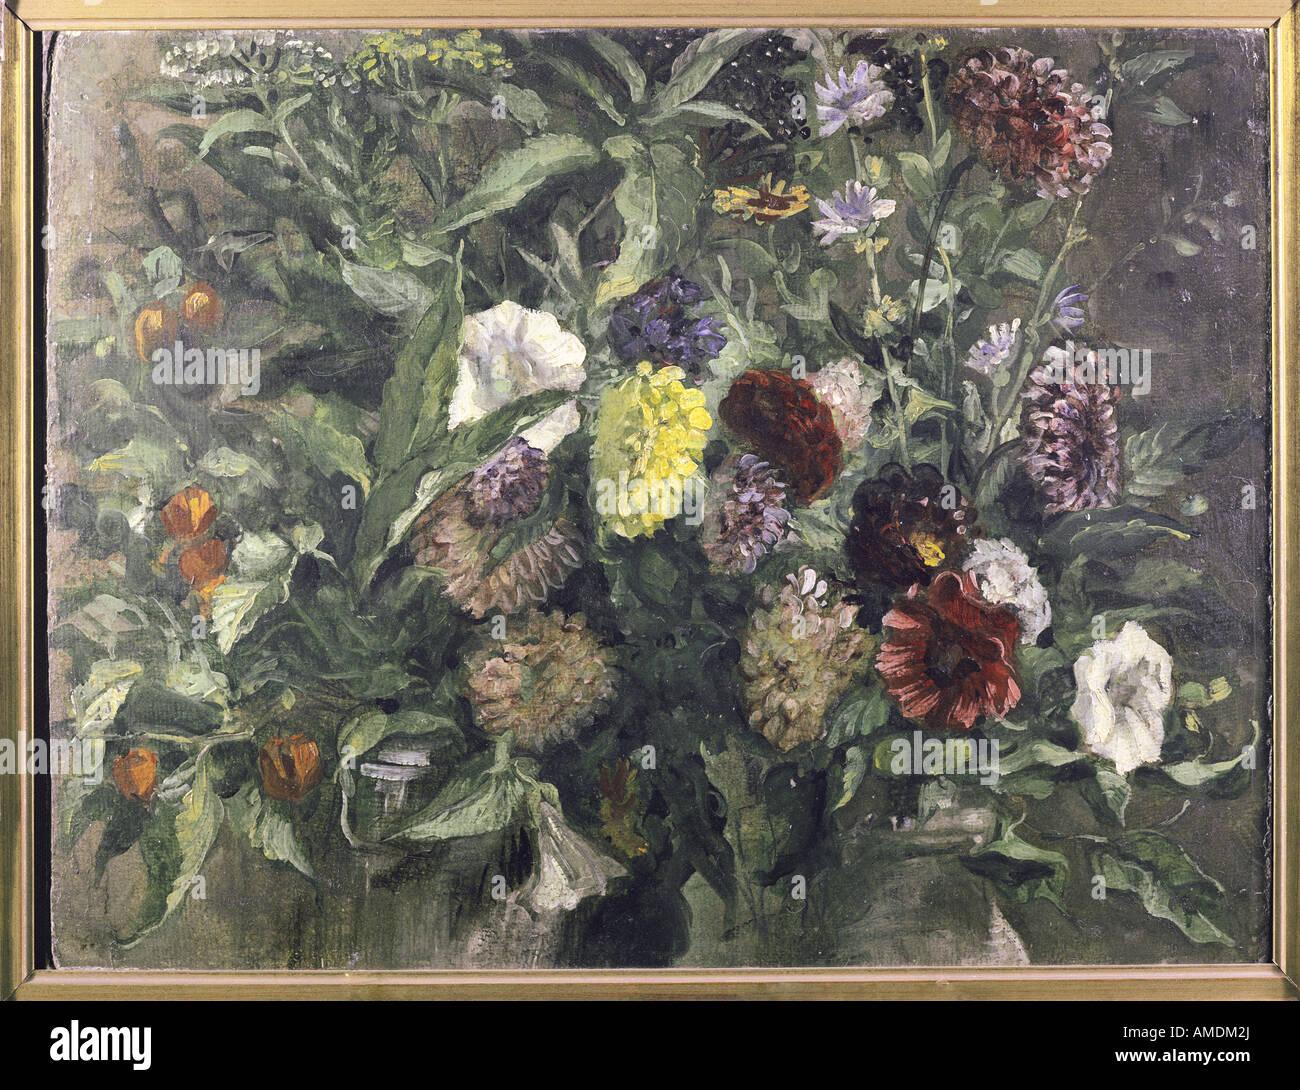 Beaux-arts, Delacroix, Eugène (1798 - 1863), peinture, stil life de fleurs, vers 1849, huile sur carton, Kunsthalle Banque D'Images